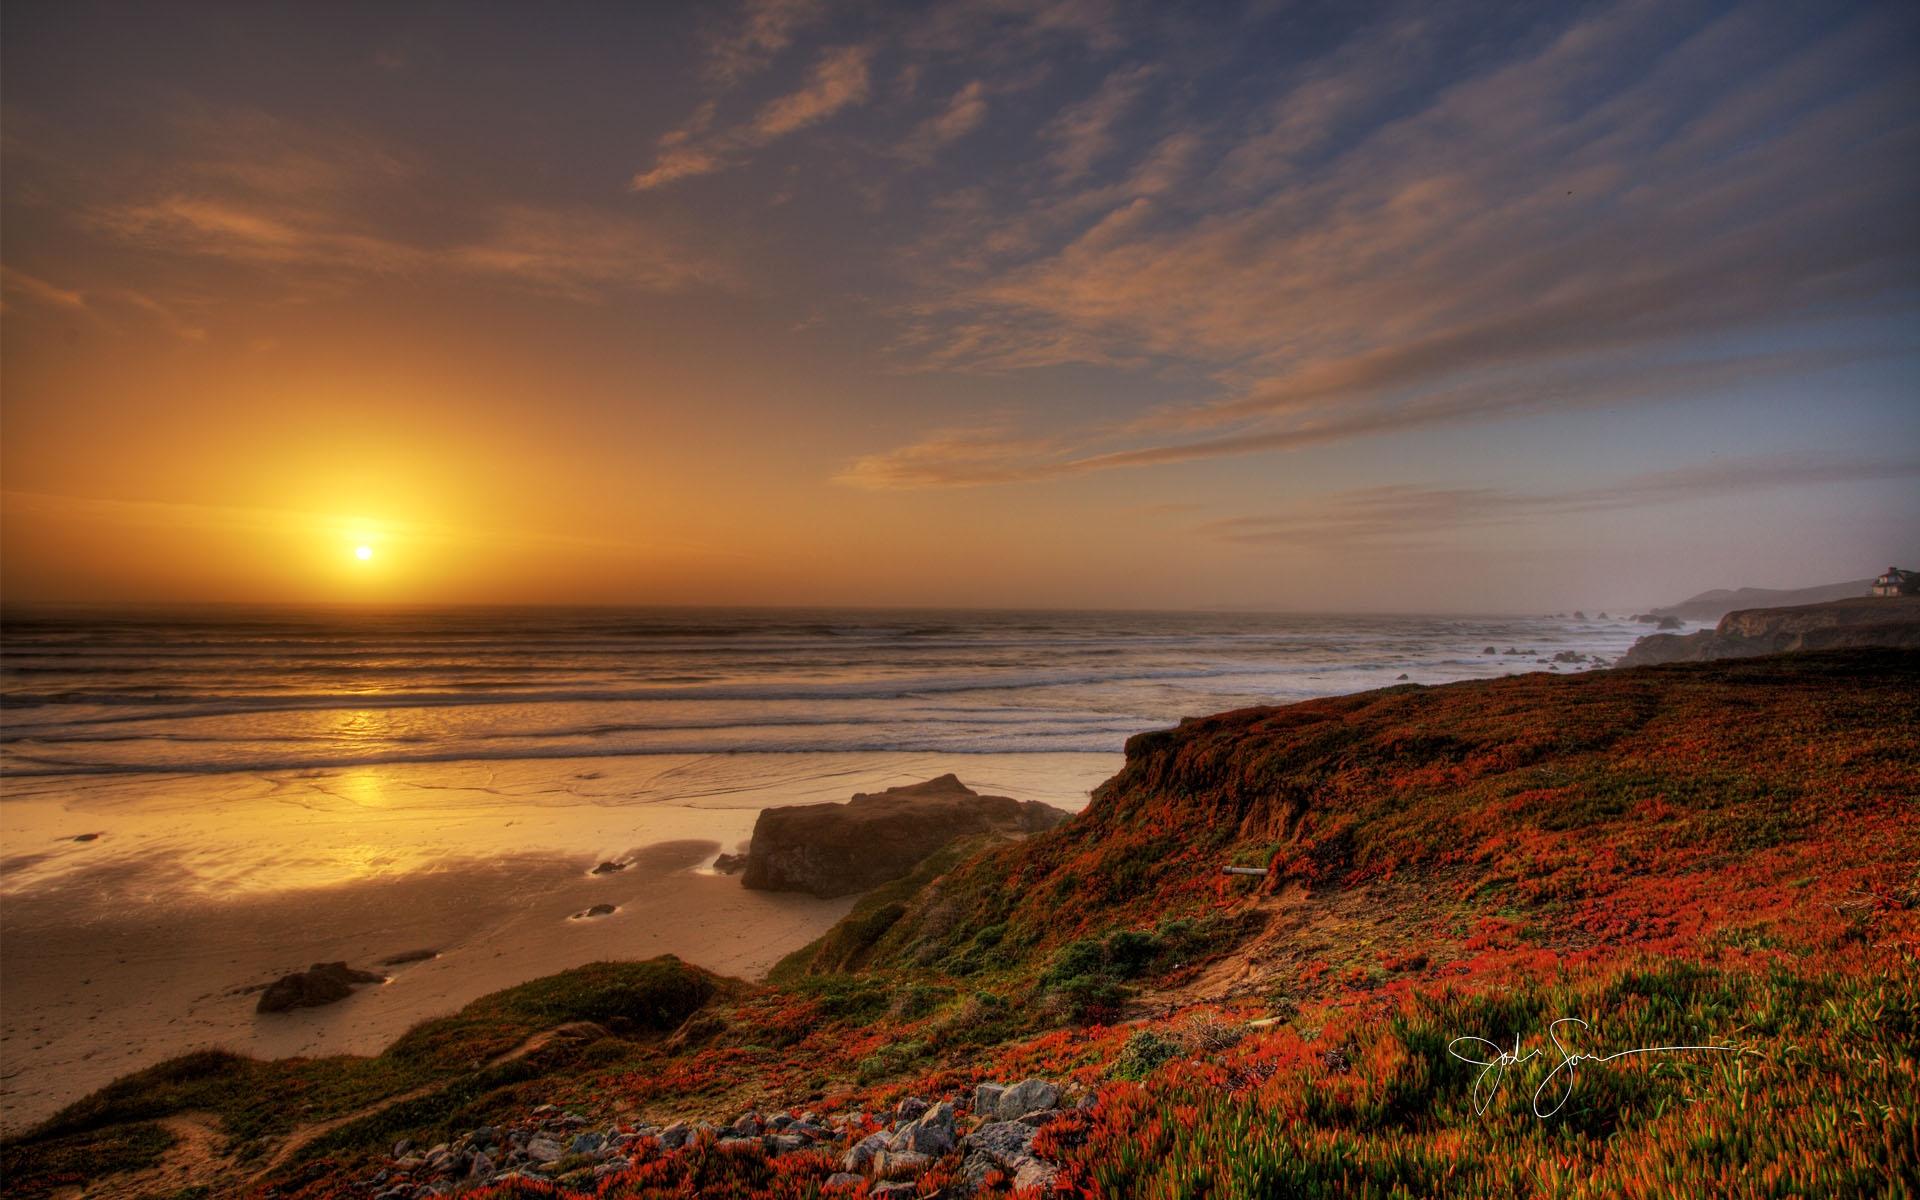 微信头像夕阳海边背影